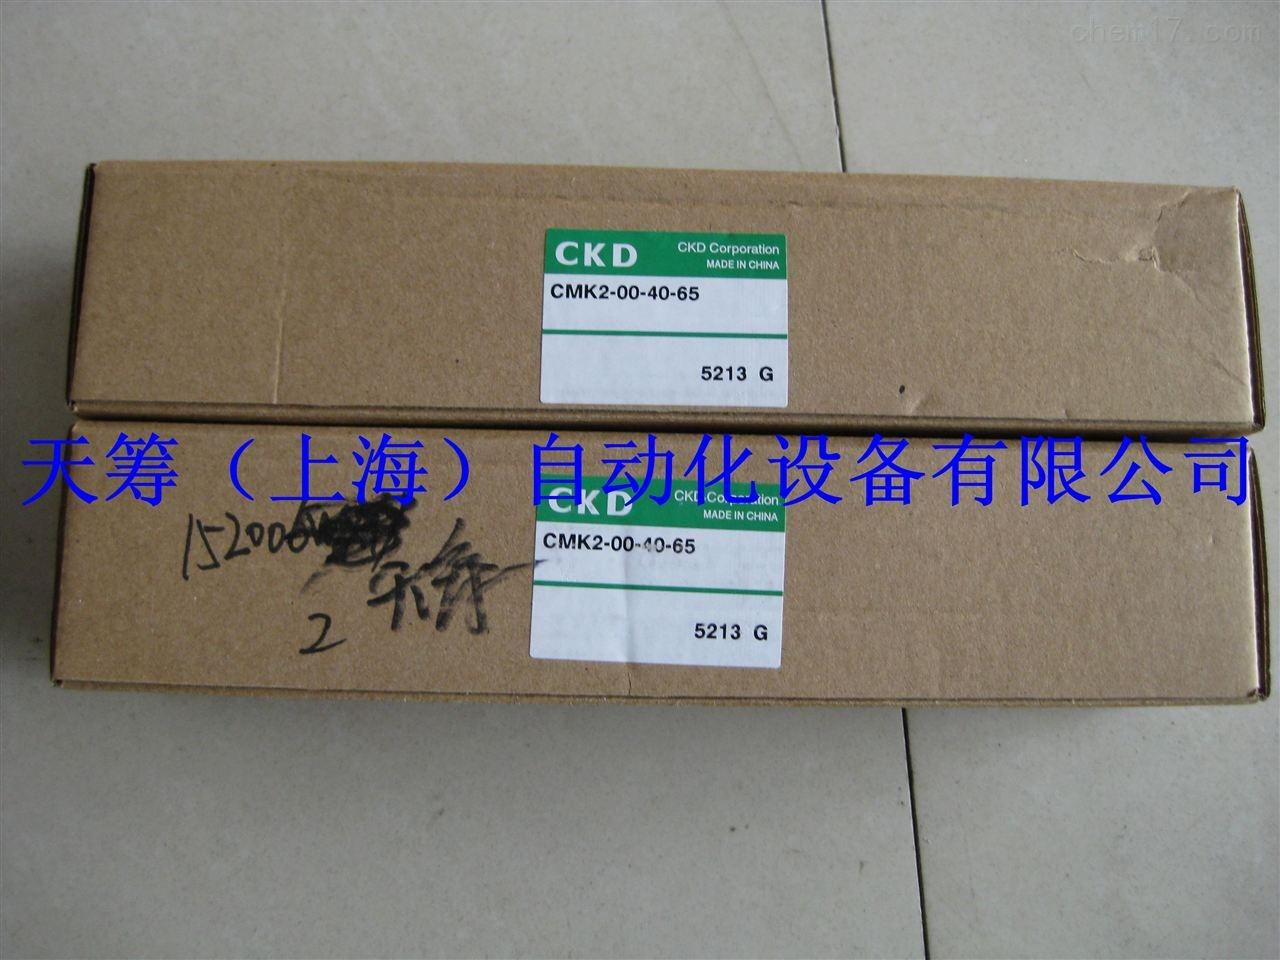 CKD紧固型气缸CMK2-00-40-65